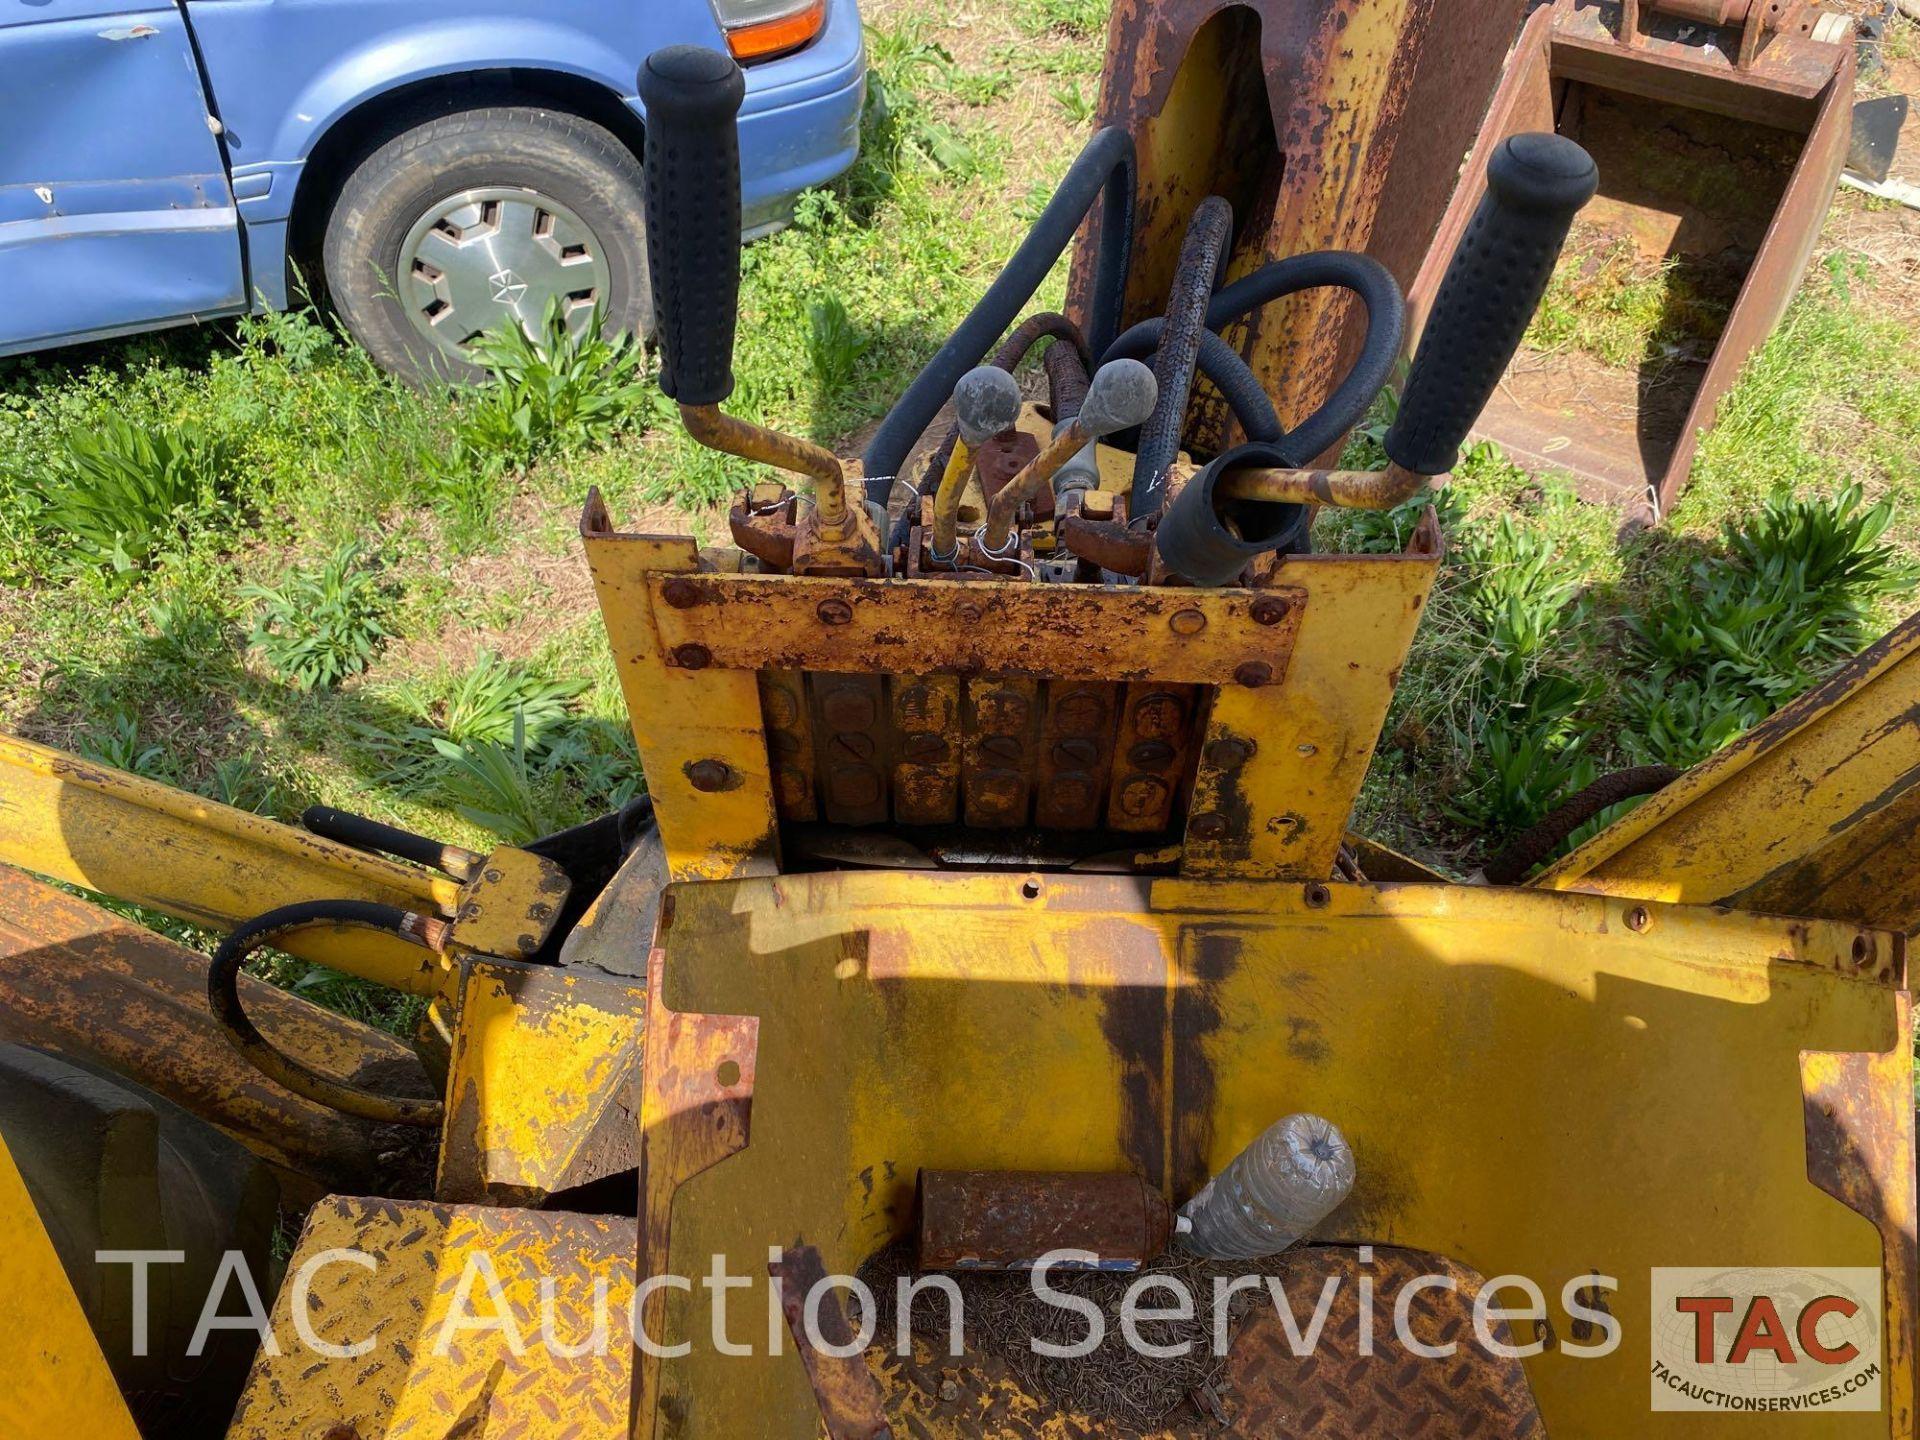 Massey Ferguson 50C Loader Backhoe - Image 33 of 45